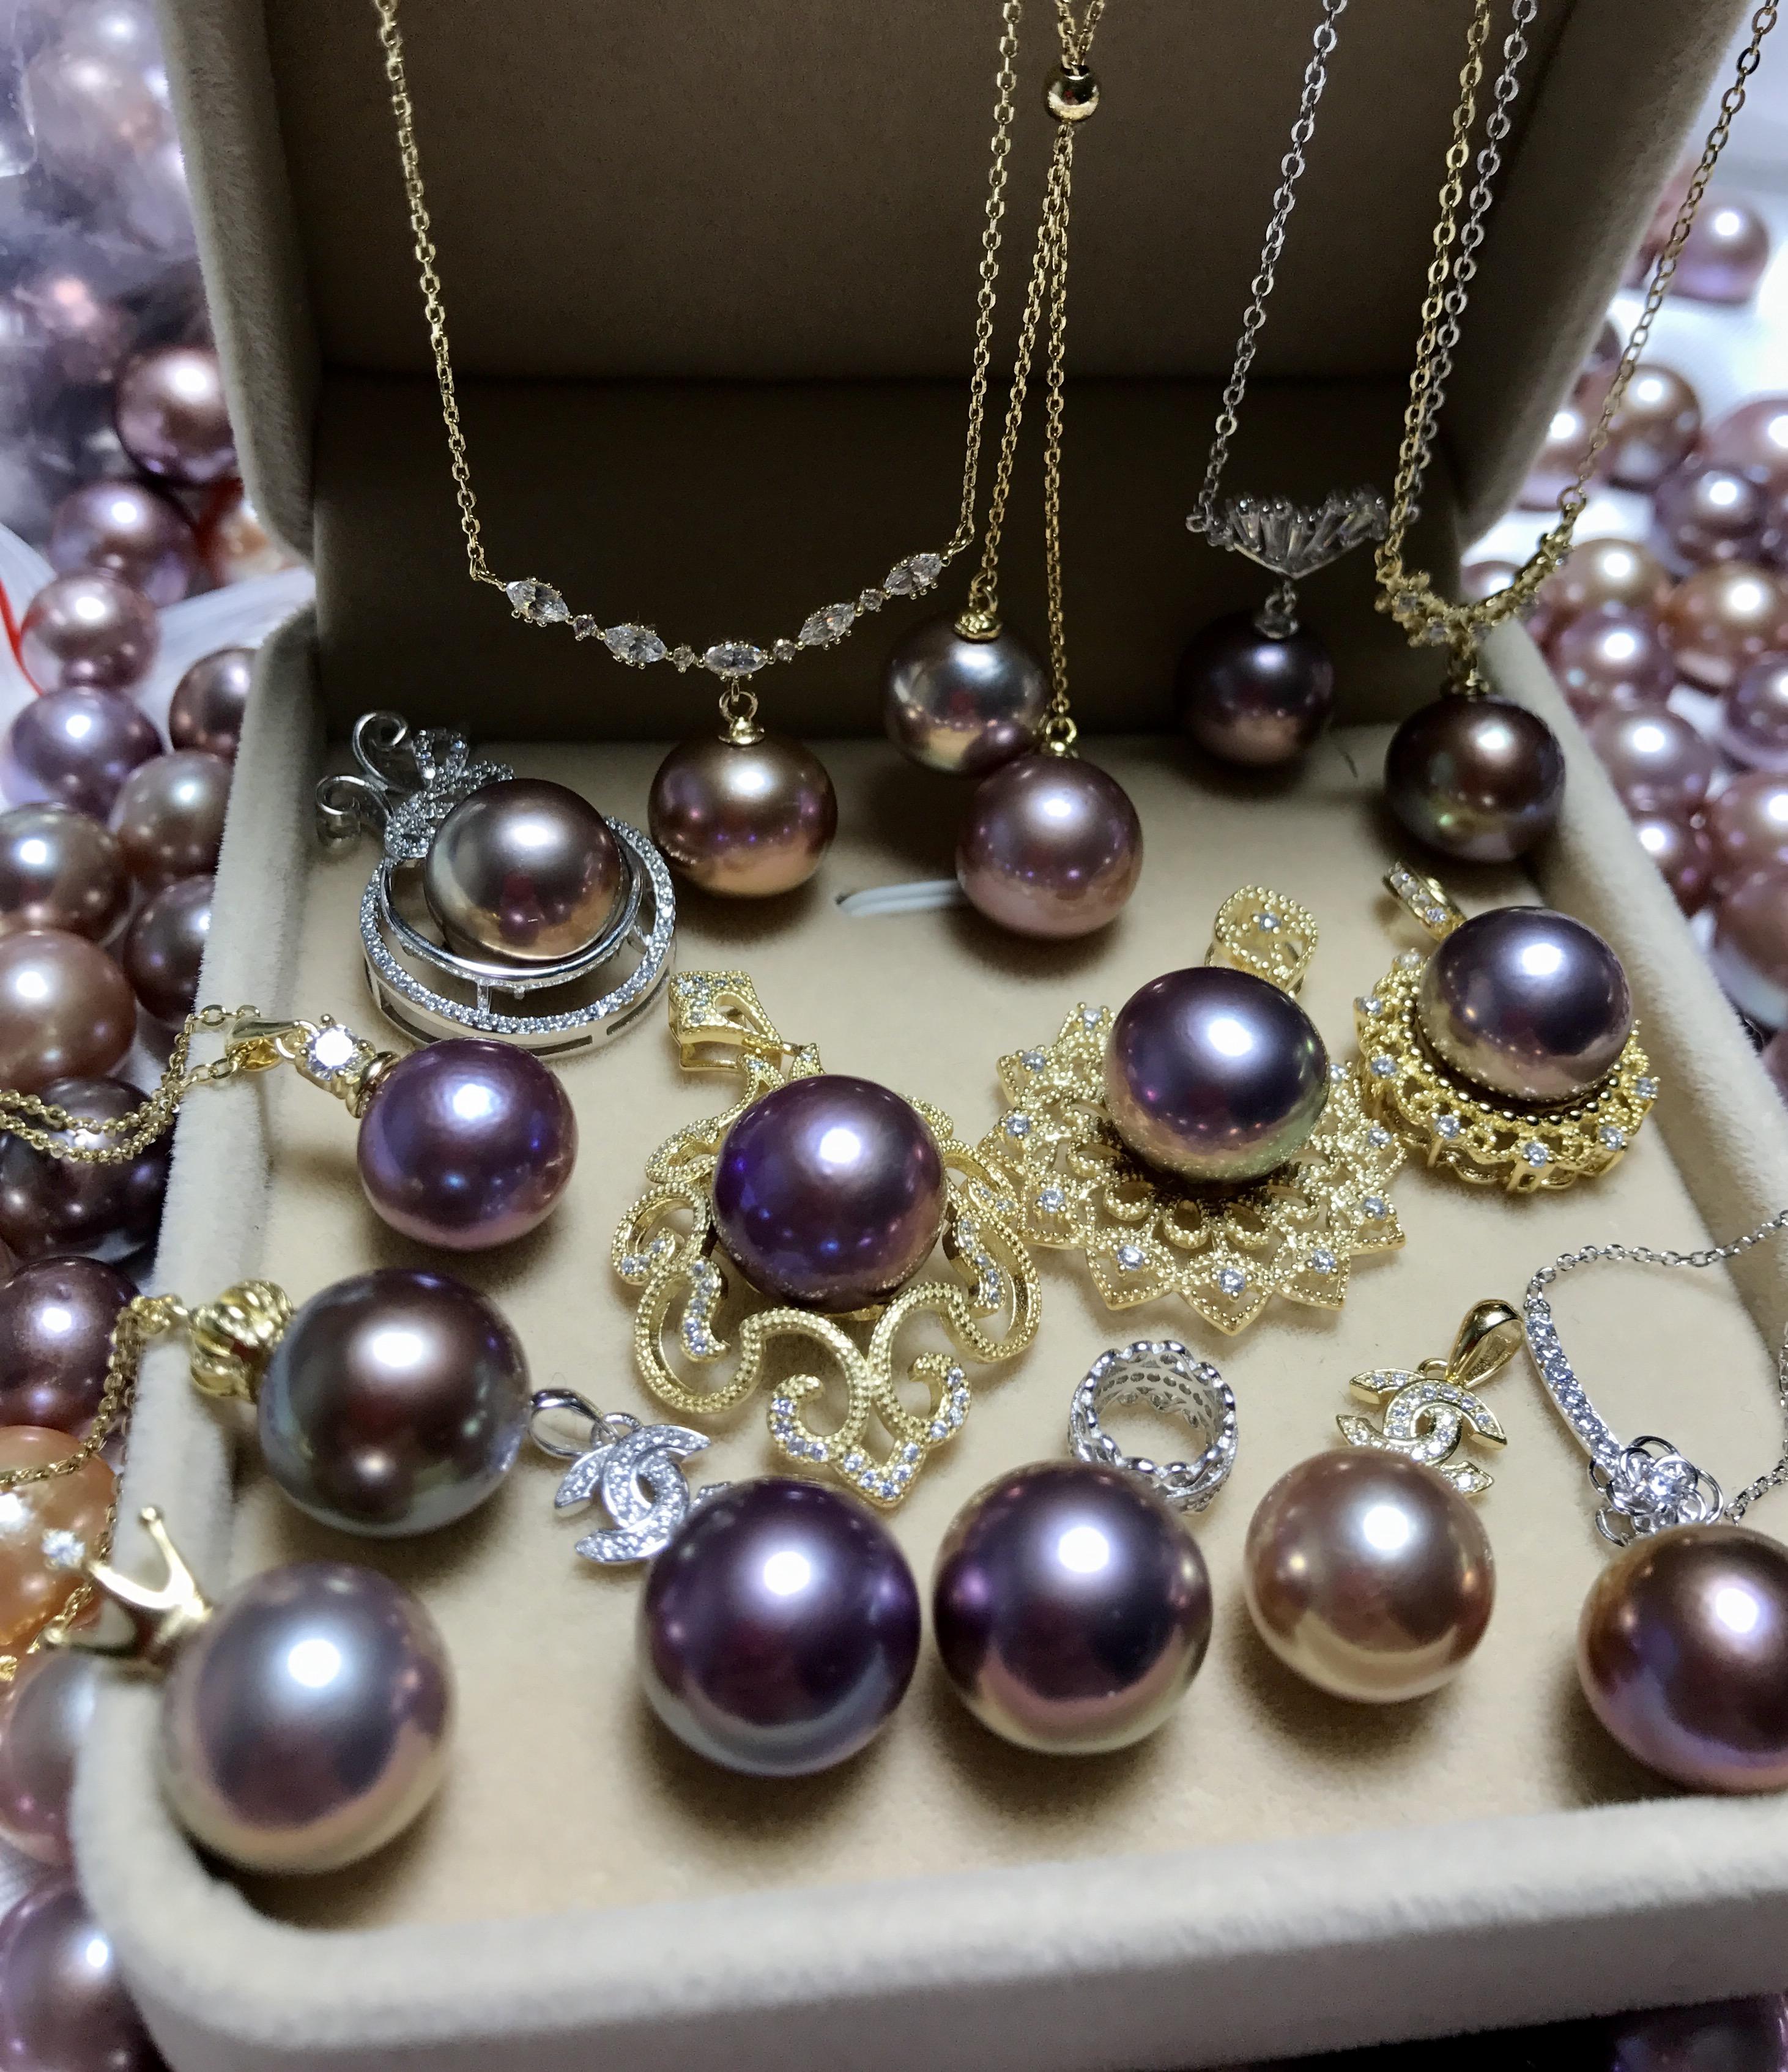 天然淡水珍珠项链炫紫色妖紫色金属色镜面感强光爱迪生吊坠耳饰品